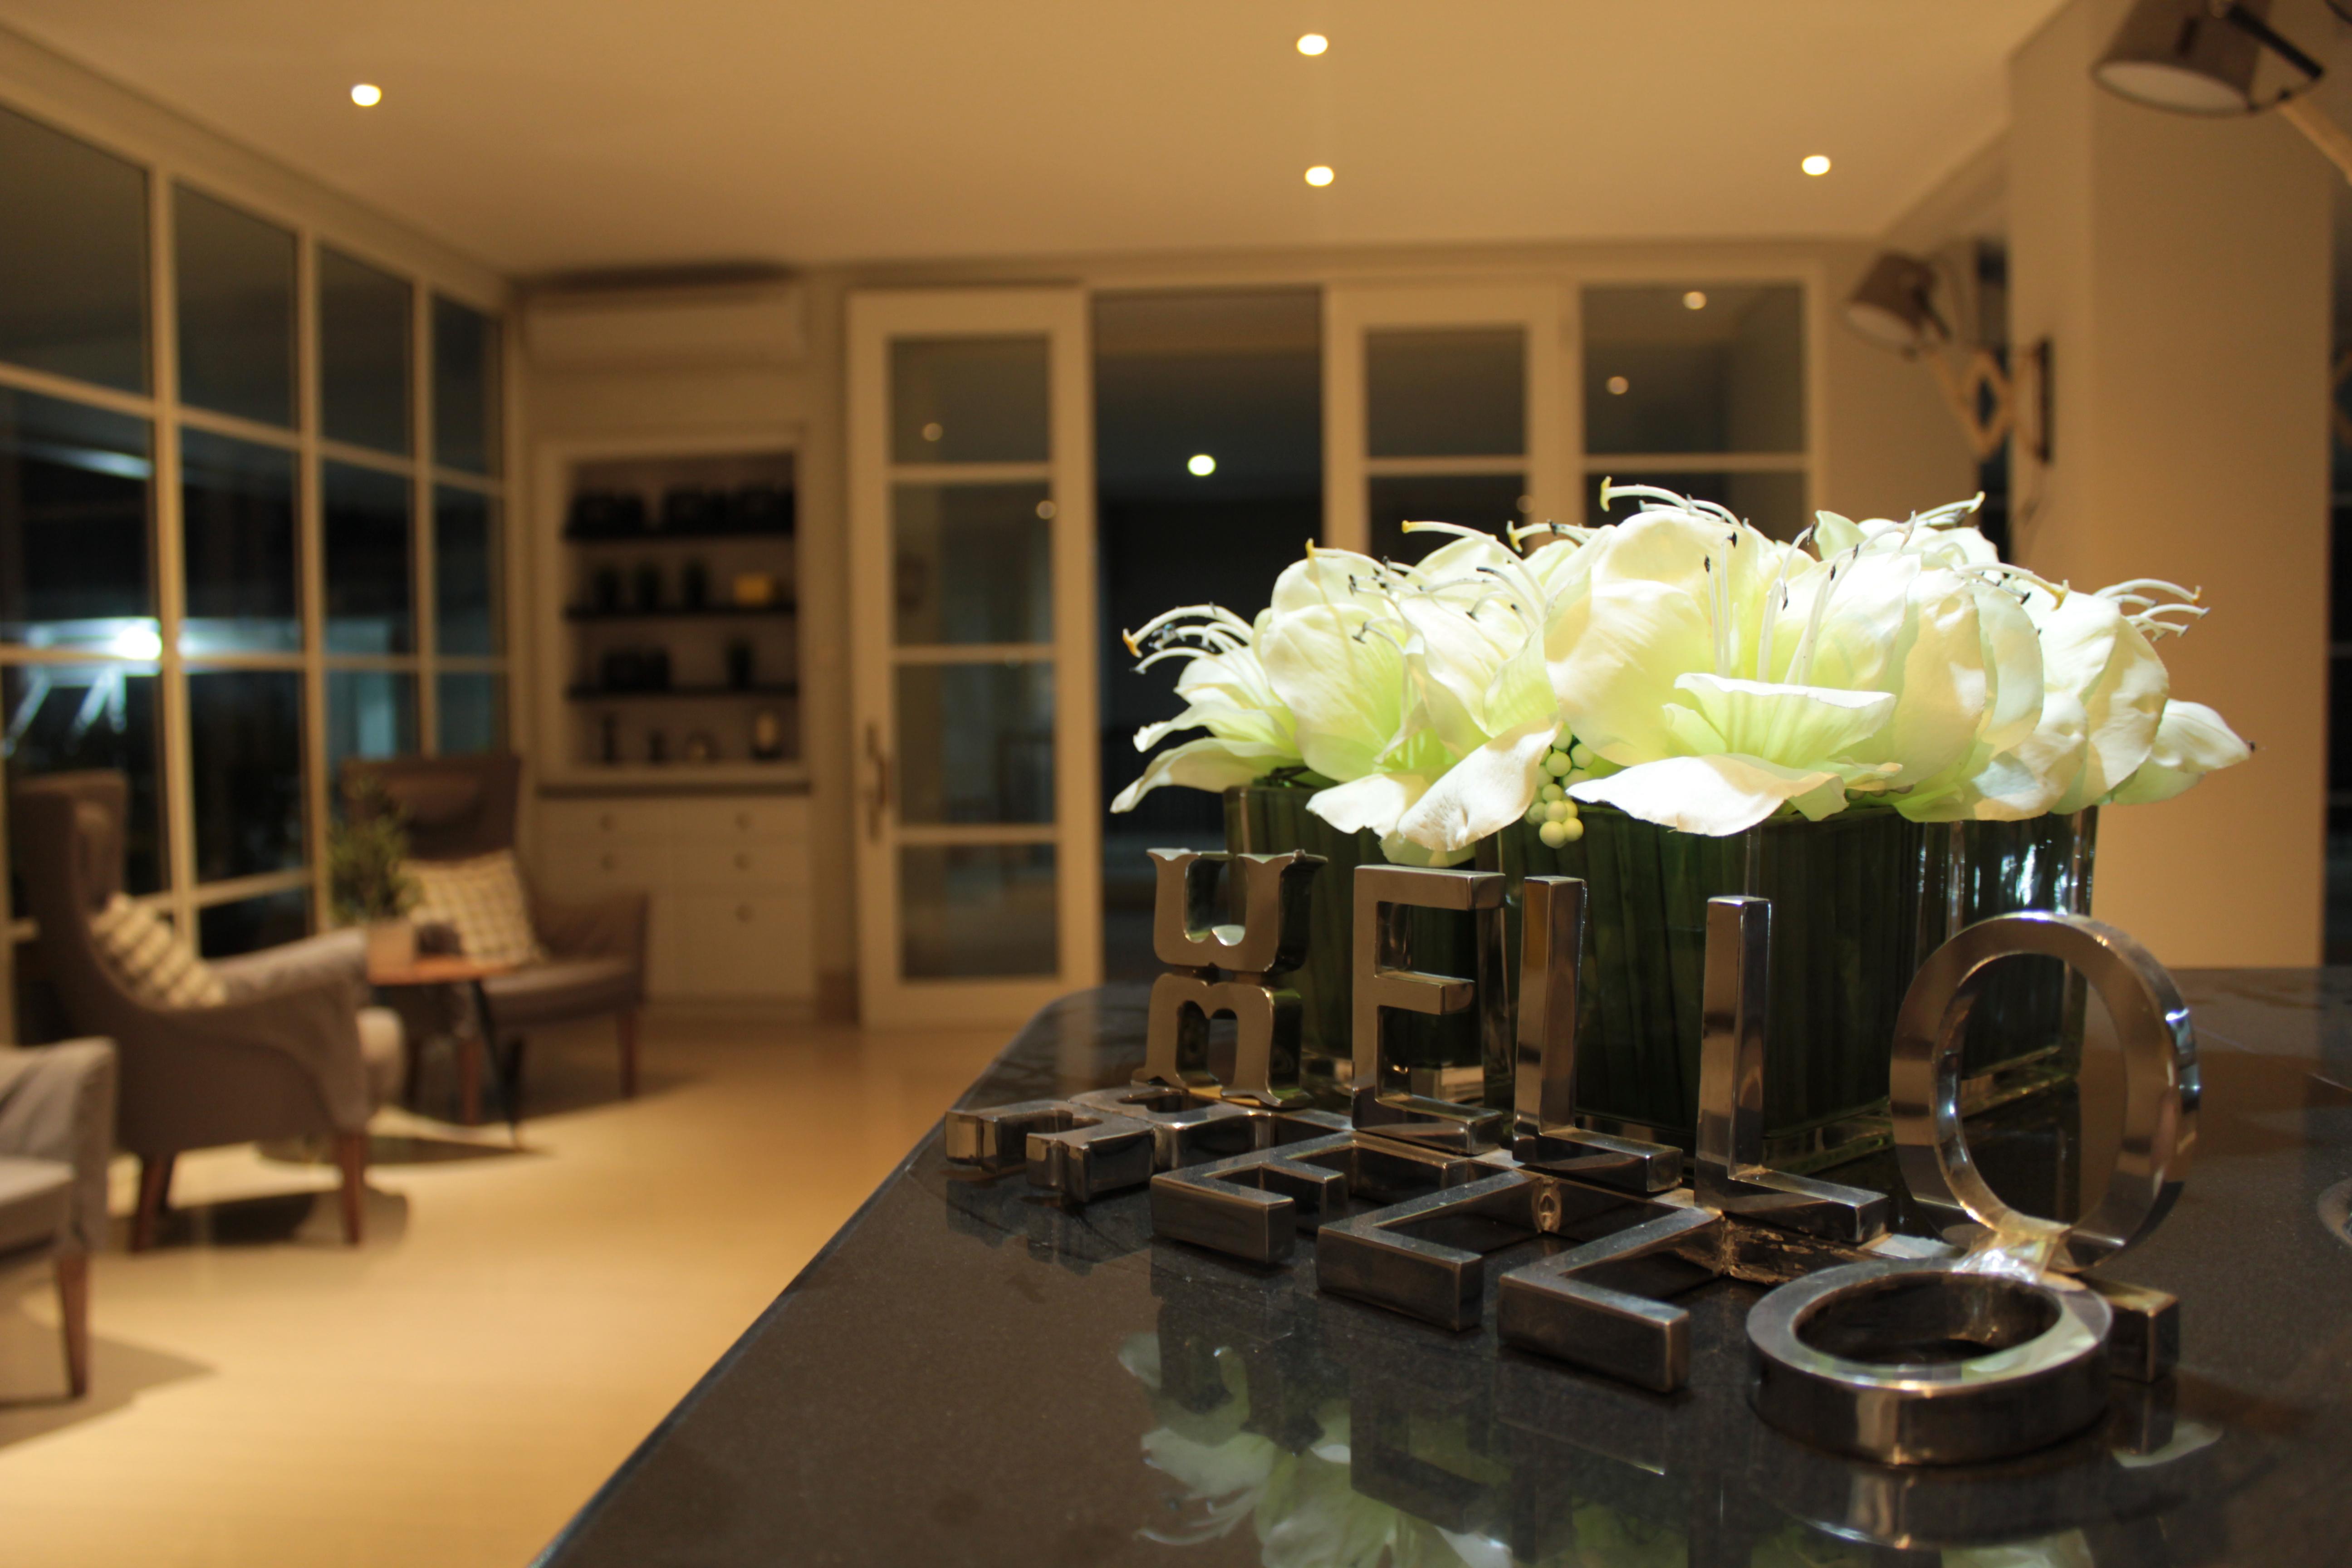 Lobby Apartment Havenwood